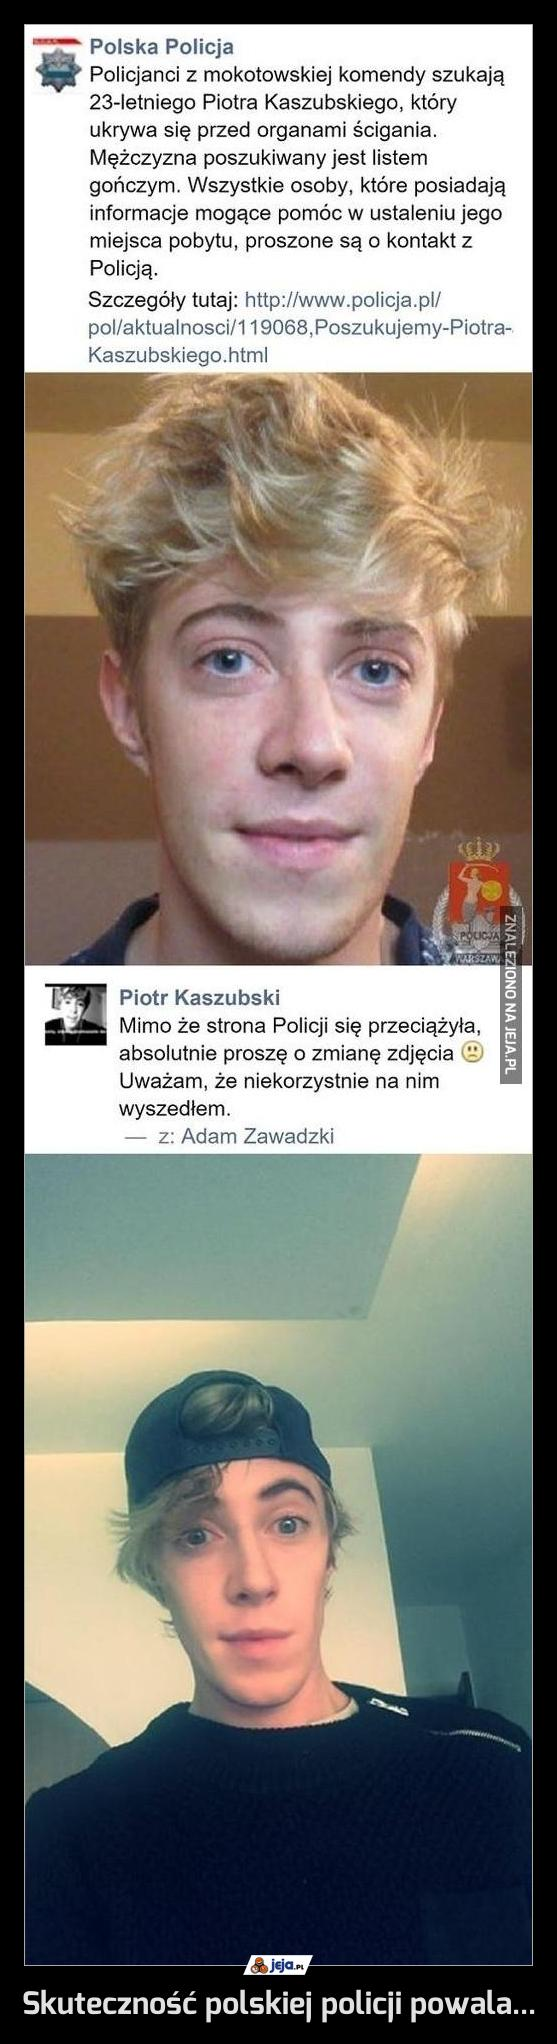 Skuteczność polskiej policji powala...